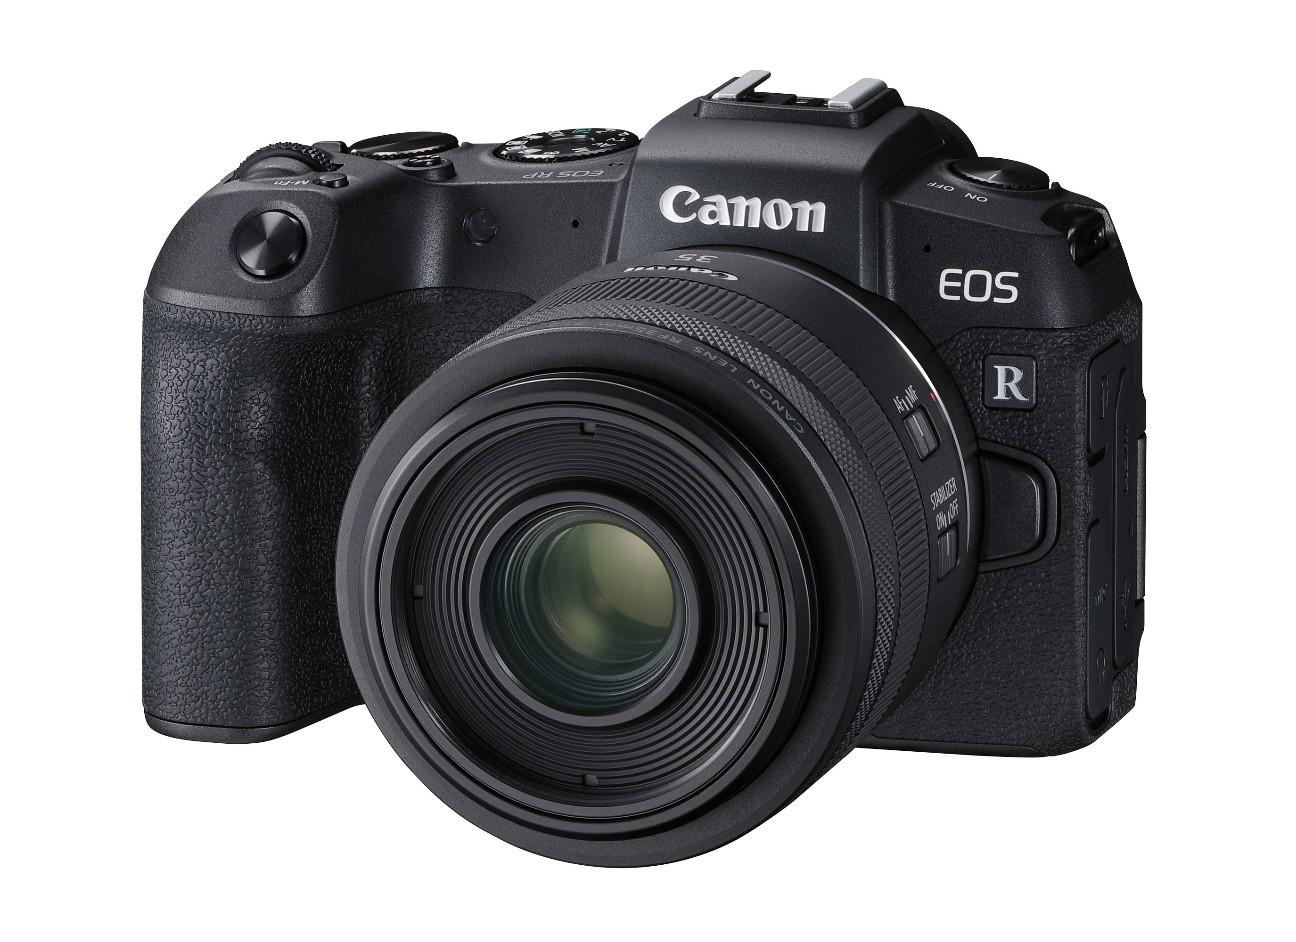 小型軽量なフルサイズミラーレスカメラEOSRP